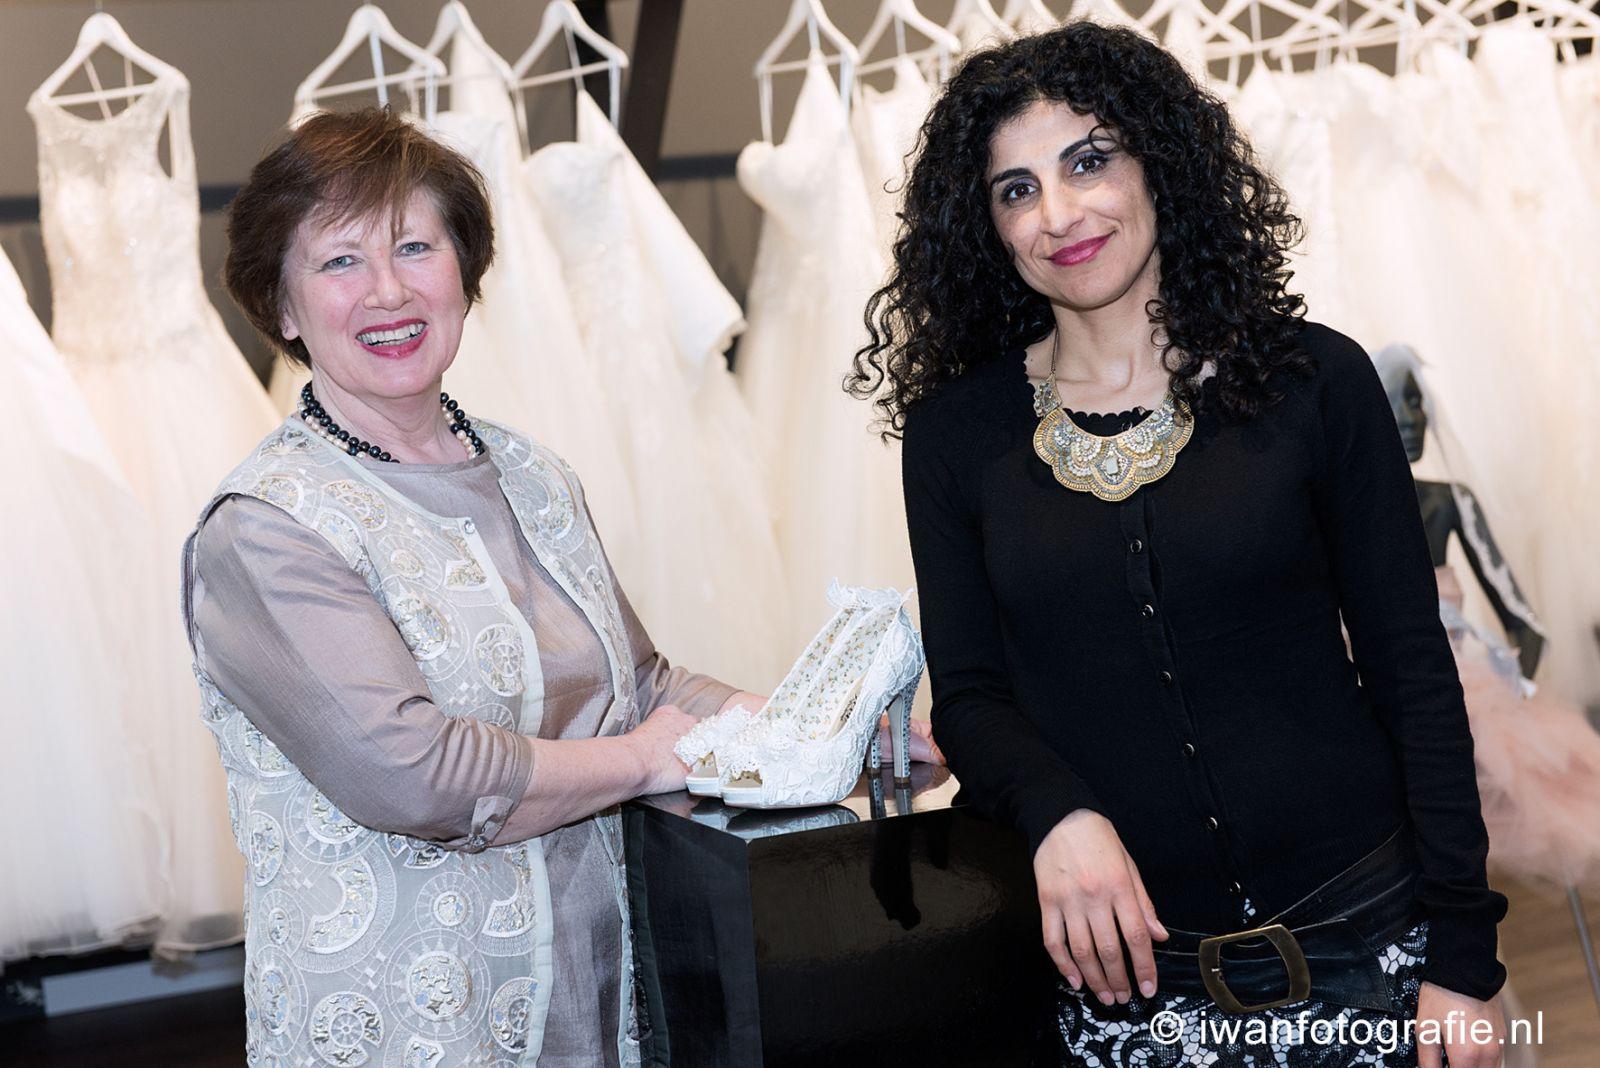 Samira und Trees, Sams Brautkleider Enschede